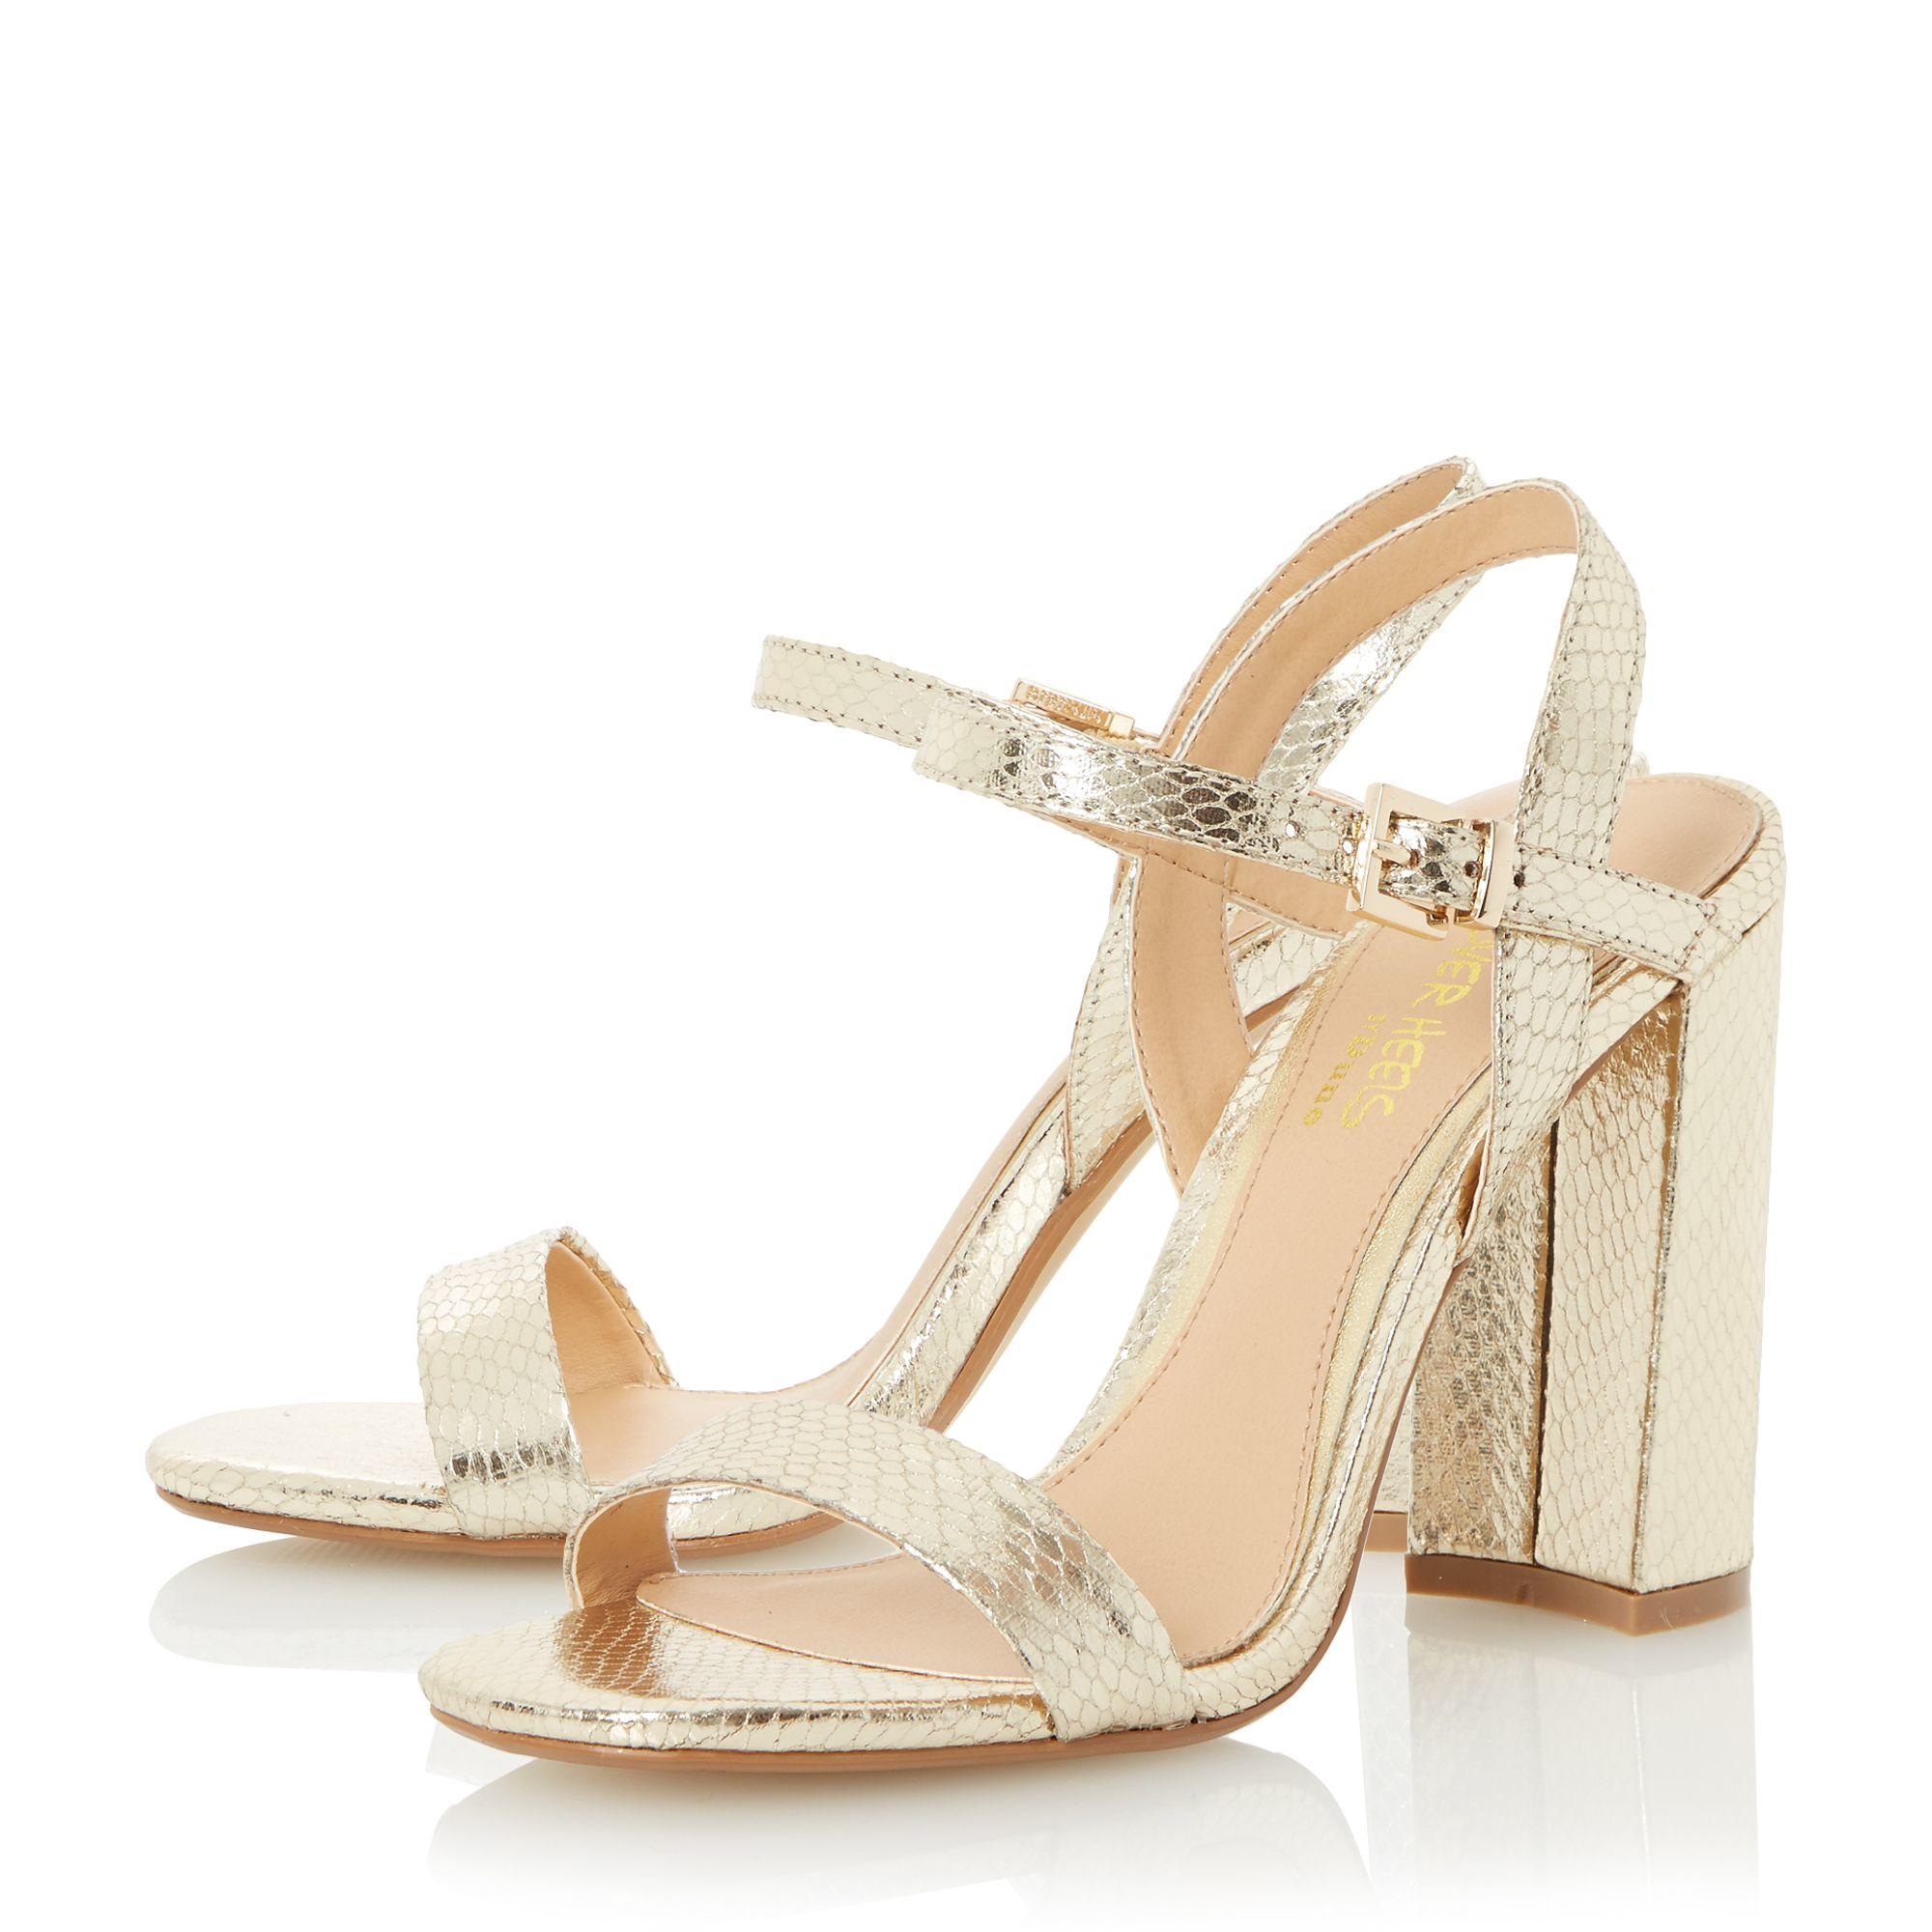 Gold Block Heels - Is Heel